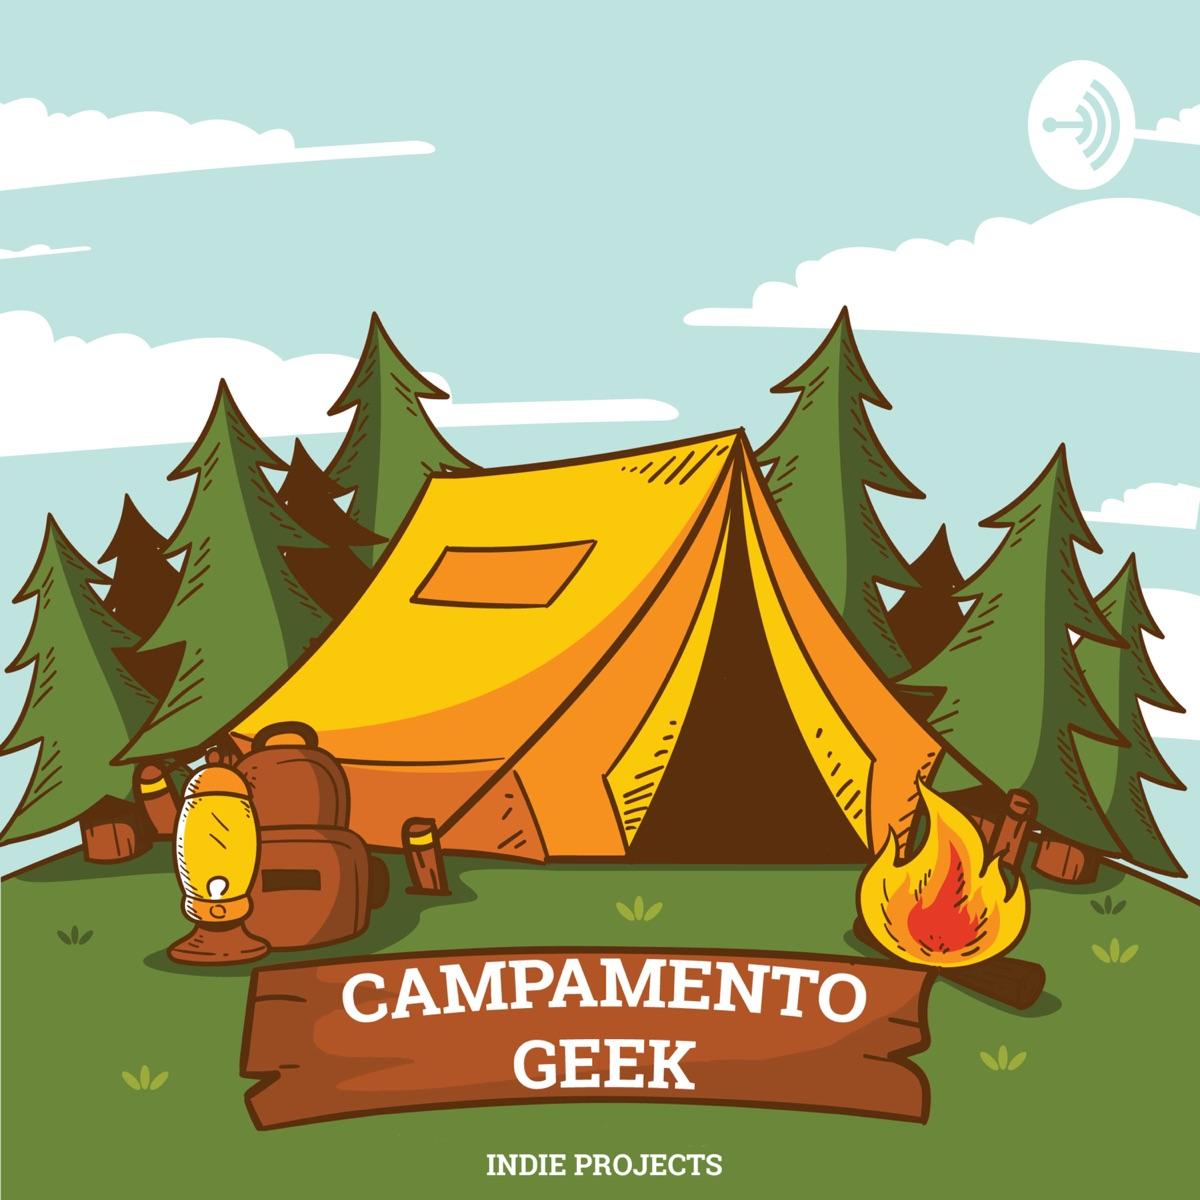 Campamento Geek